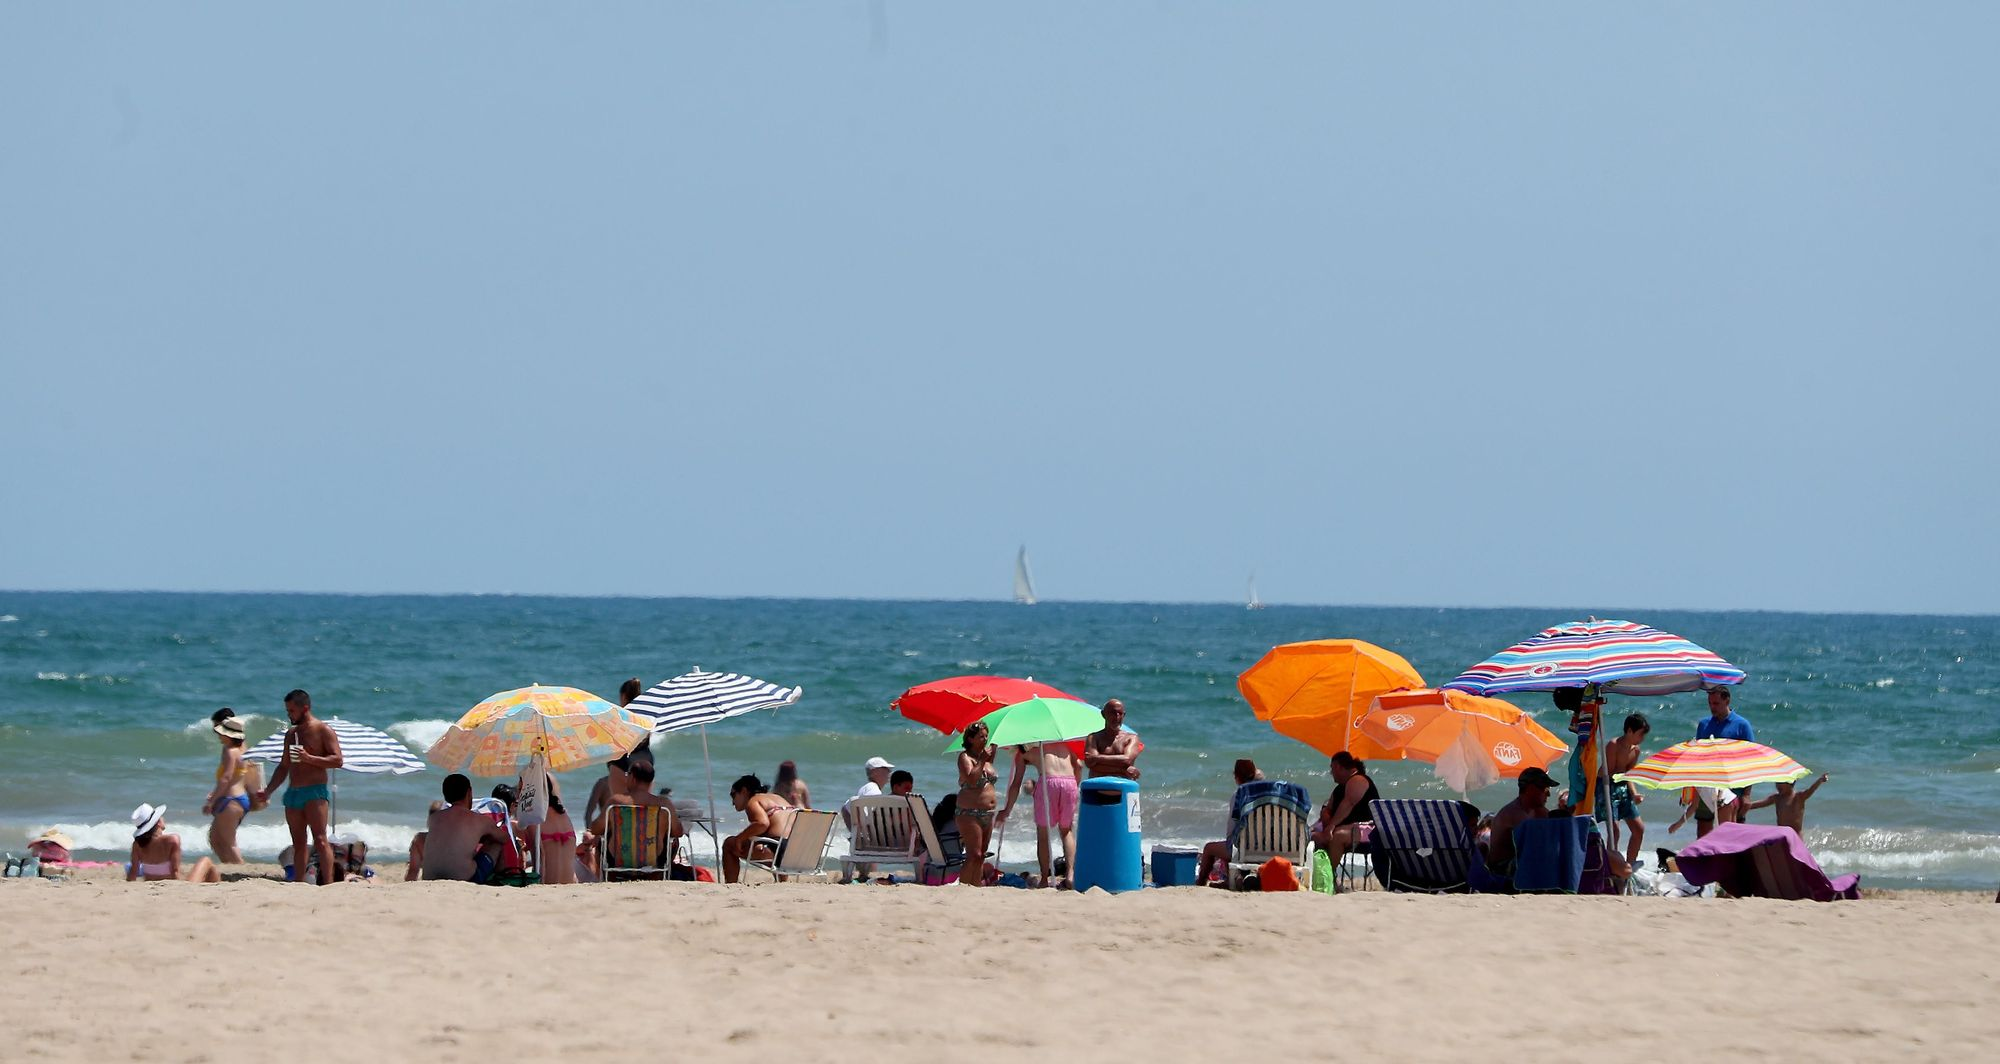 las playas valencianas de bandera azul